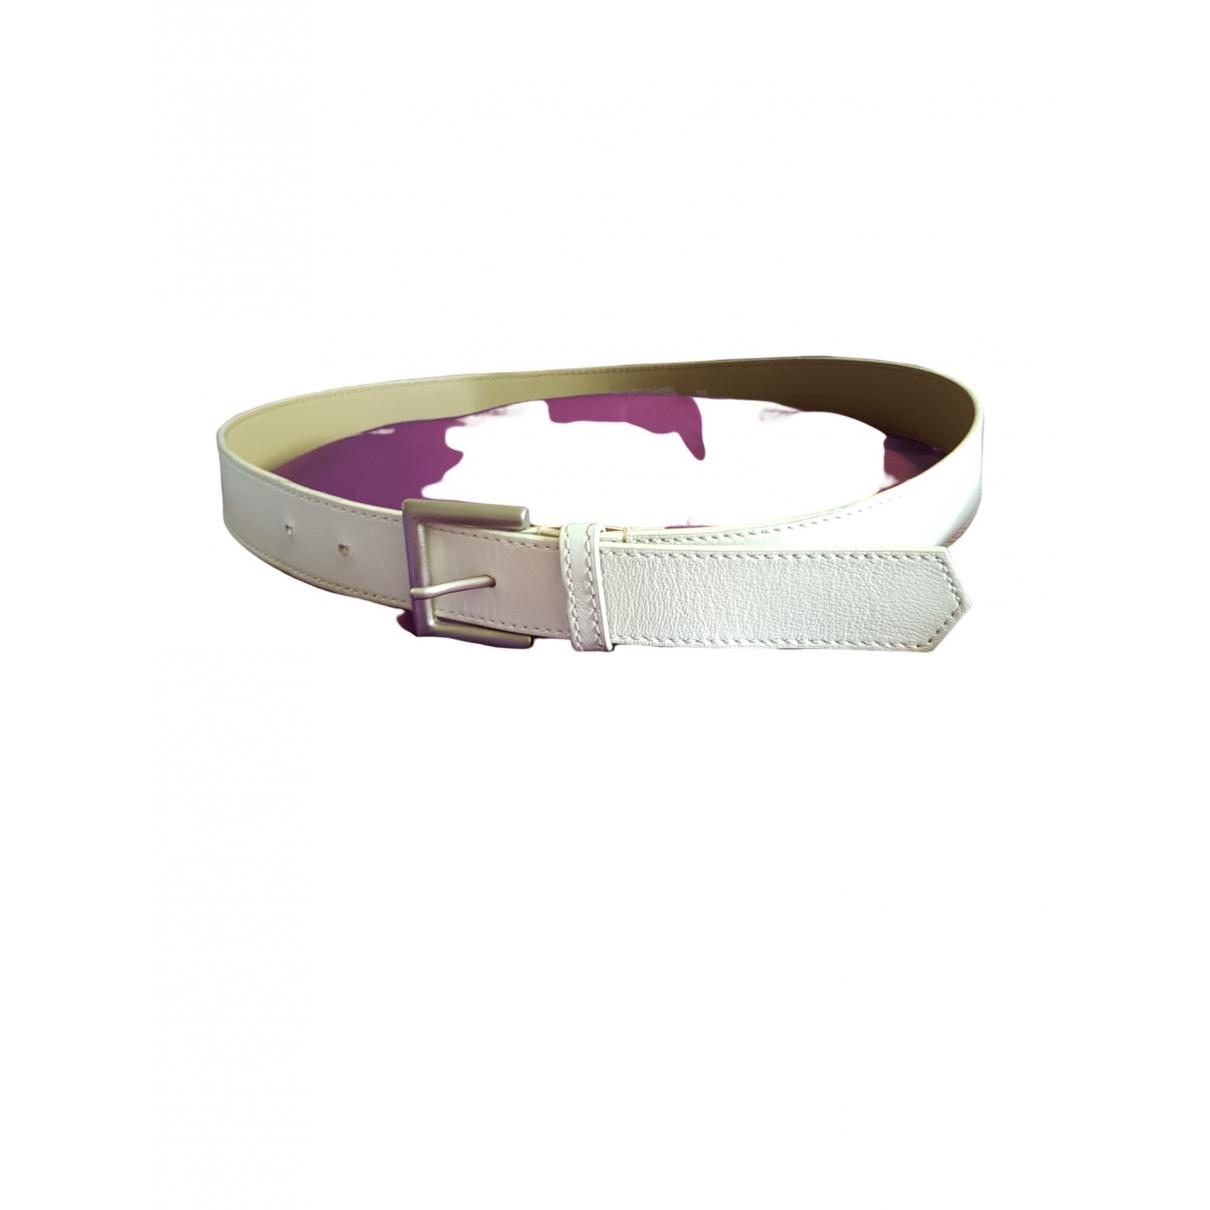 Cinturon de Cuero Gerard Darel